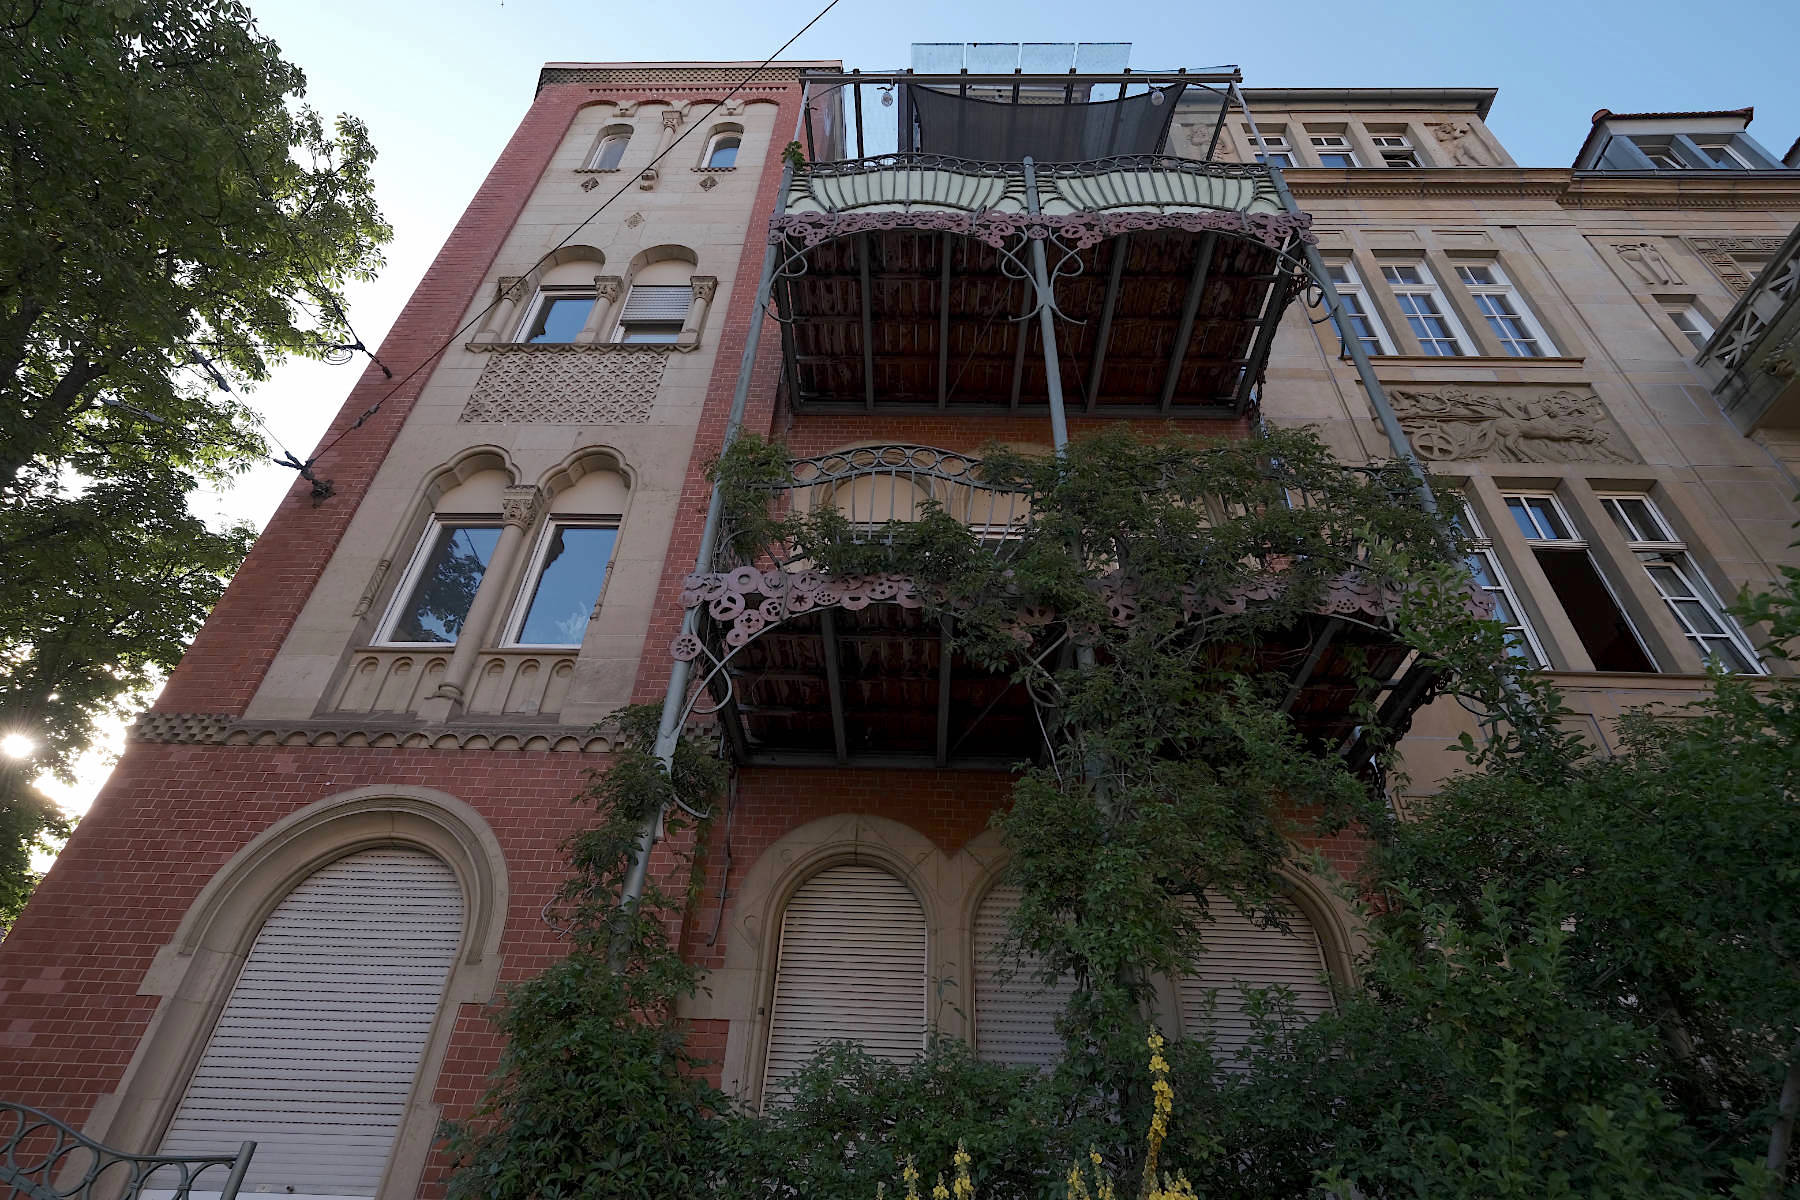 Karlsruher Jugendstil. Rot-sandfarbene Fassade mit expressiver Balkongestaltung an einem Wohnhaus am Karl-Wilhelm-Platz.